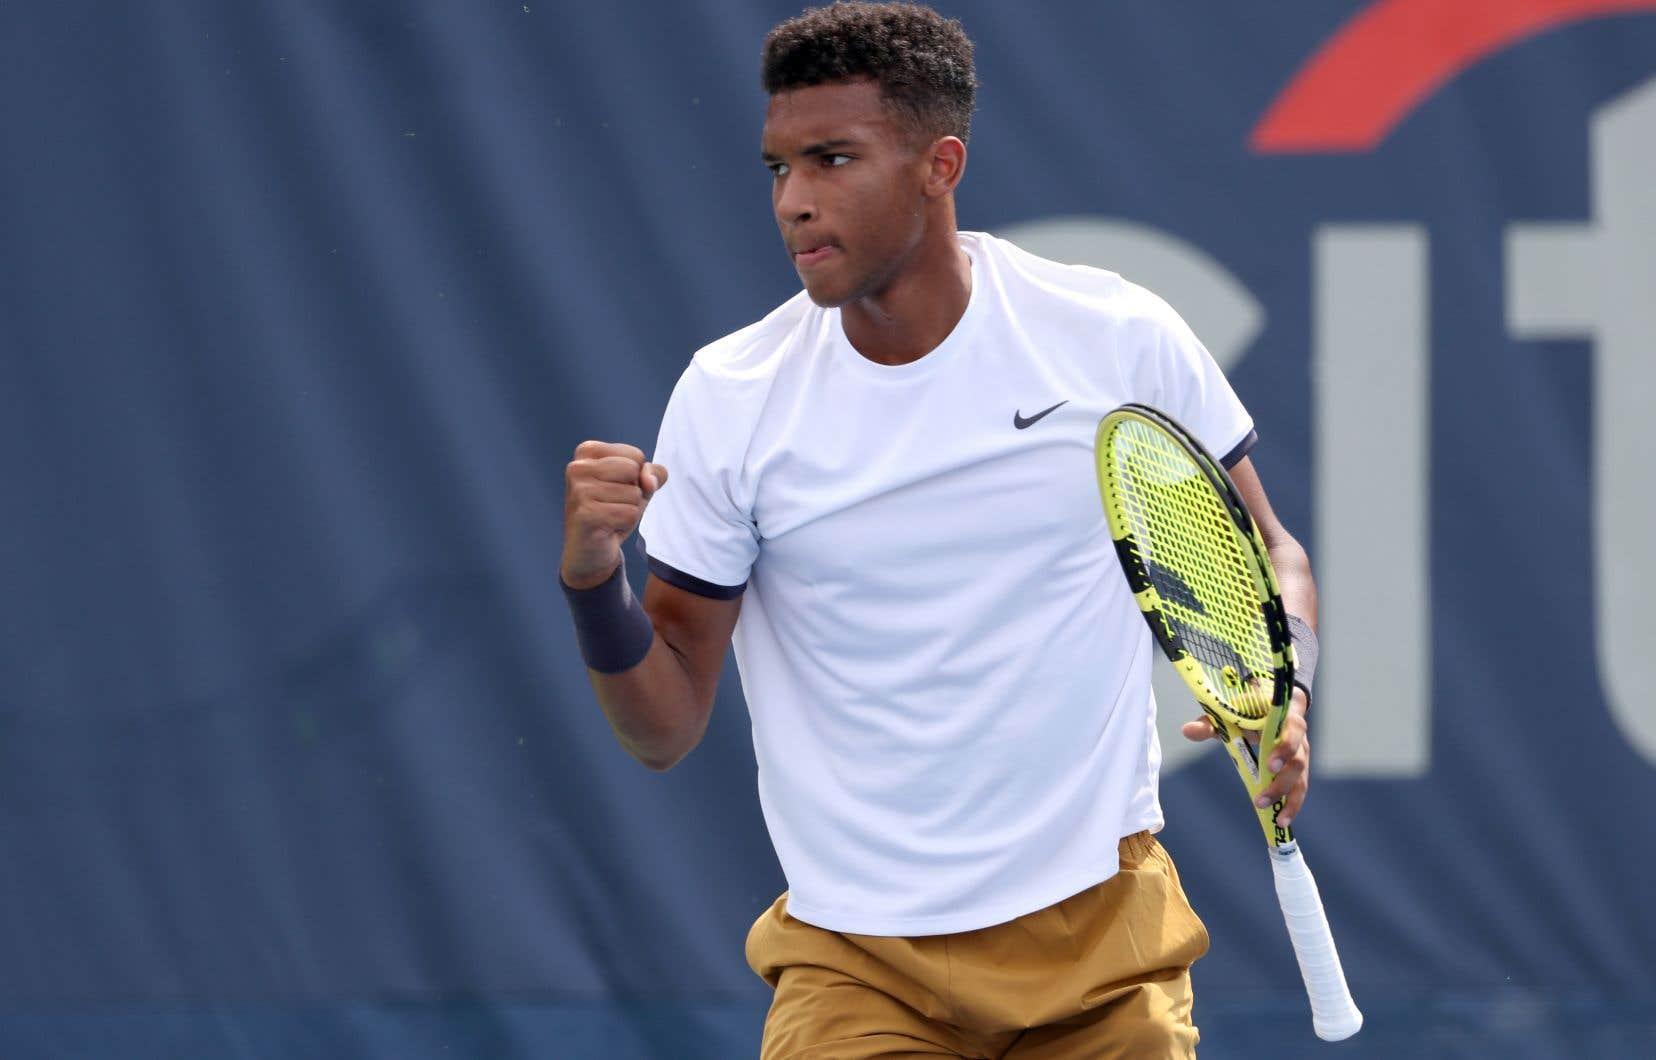 Le joueur de tennis Félix Auger-Aliassime est présentement 22eau monde.